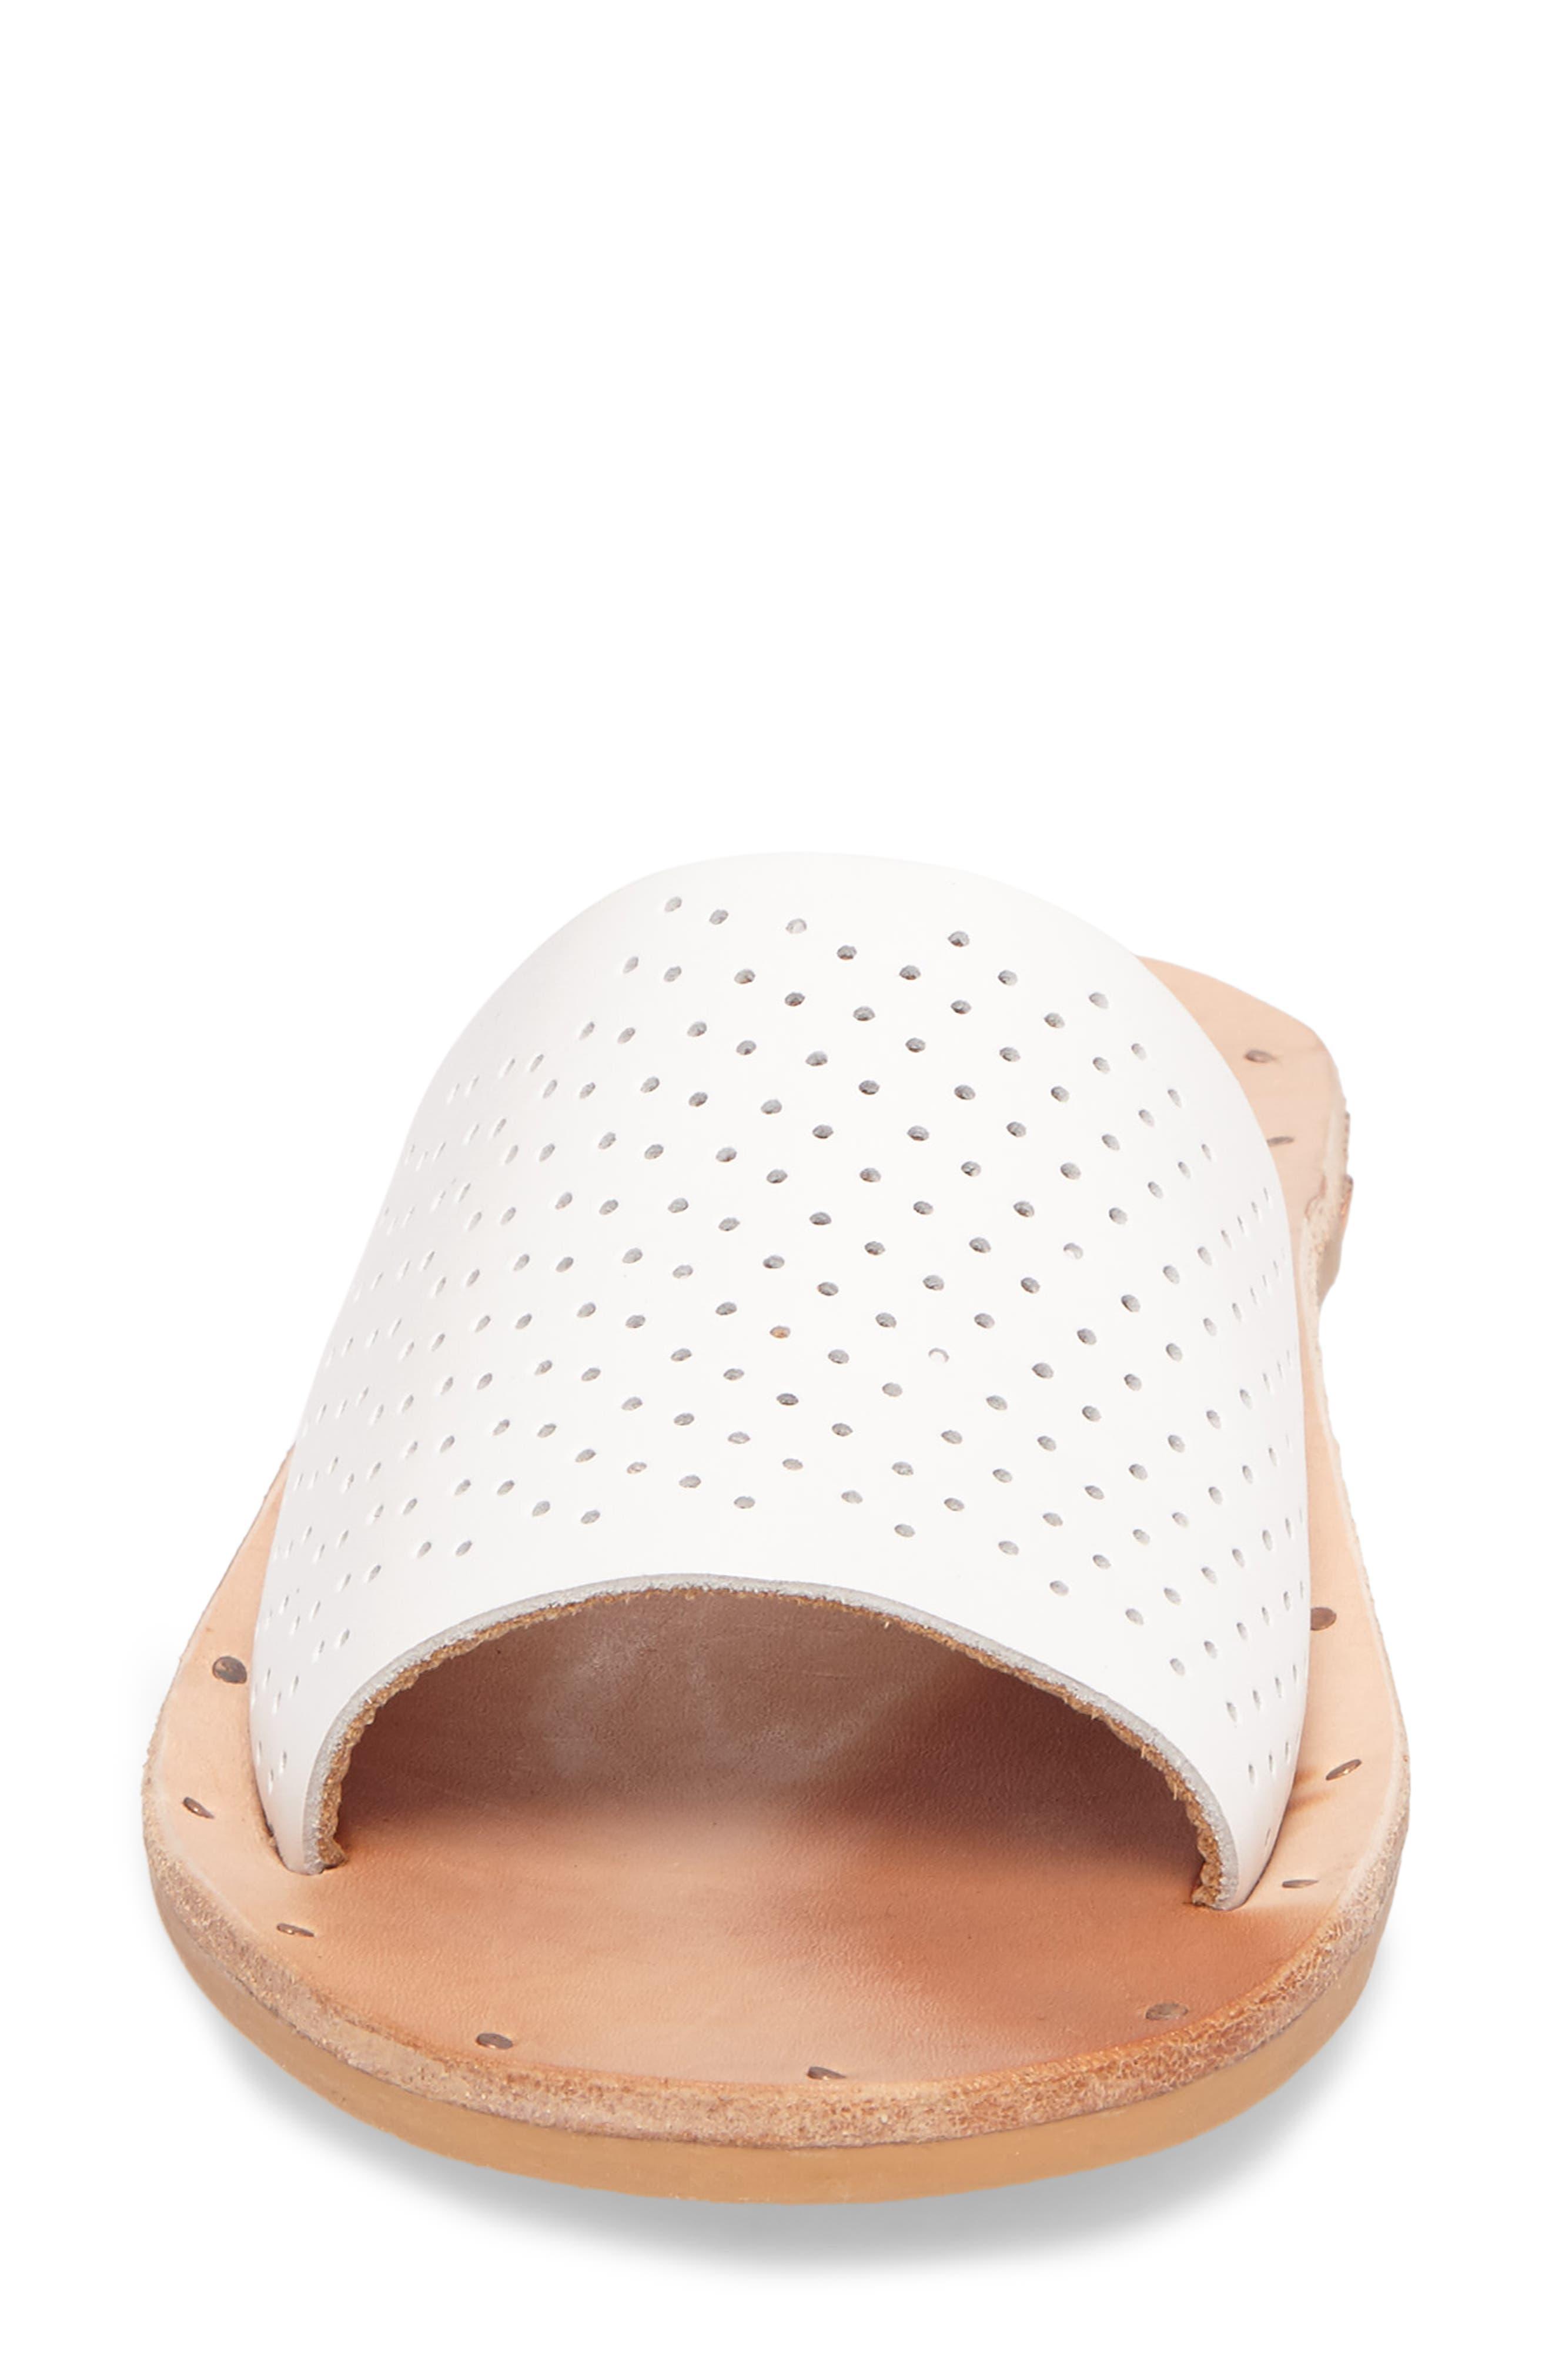 Mockingbird Sandal,                             Alternate thumbnail 4, color,                             White Perf/ Tan